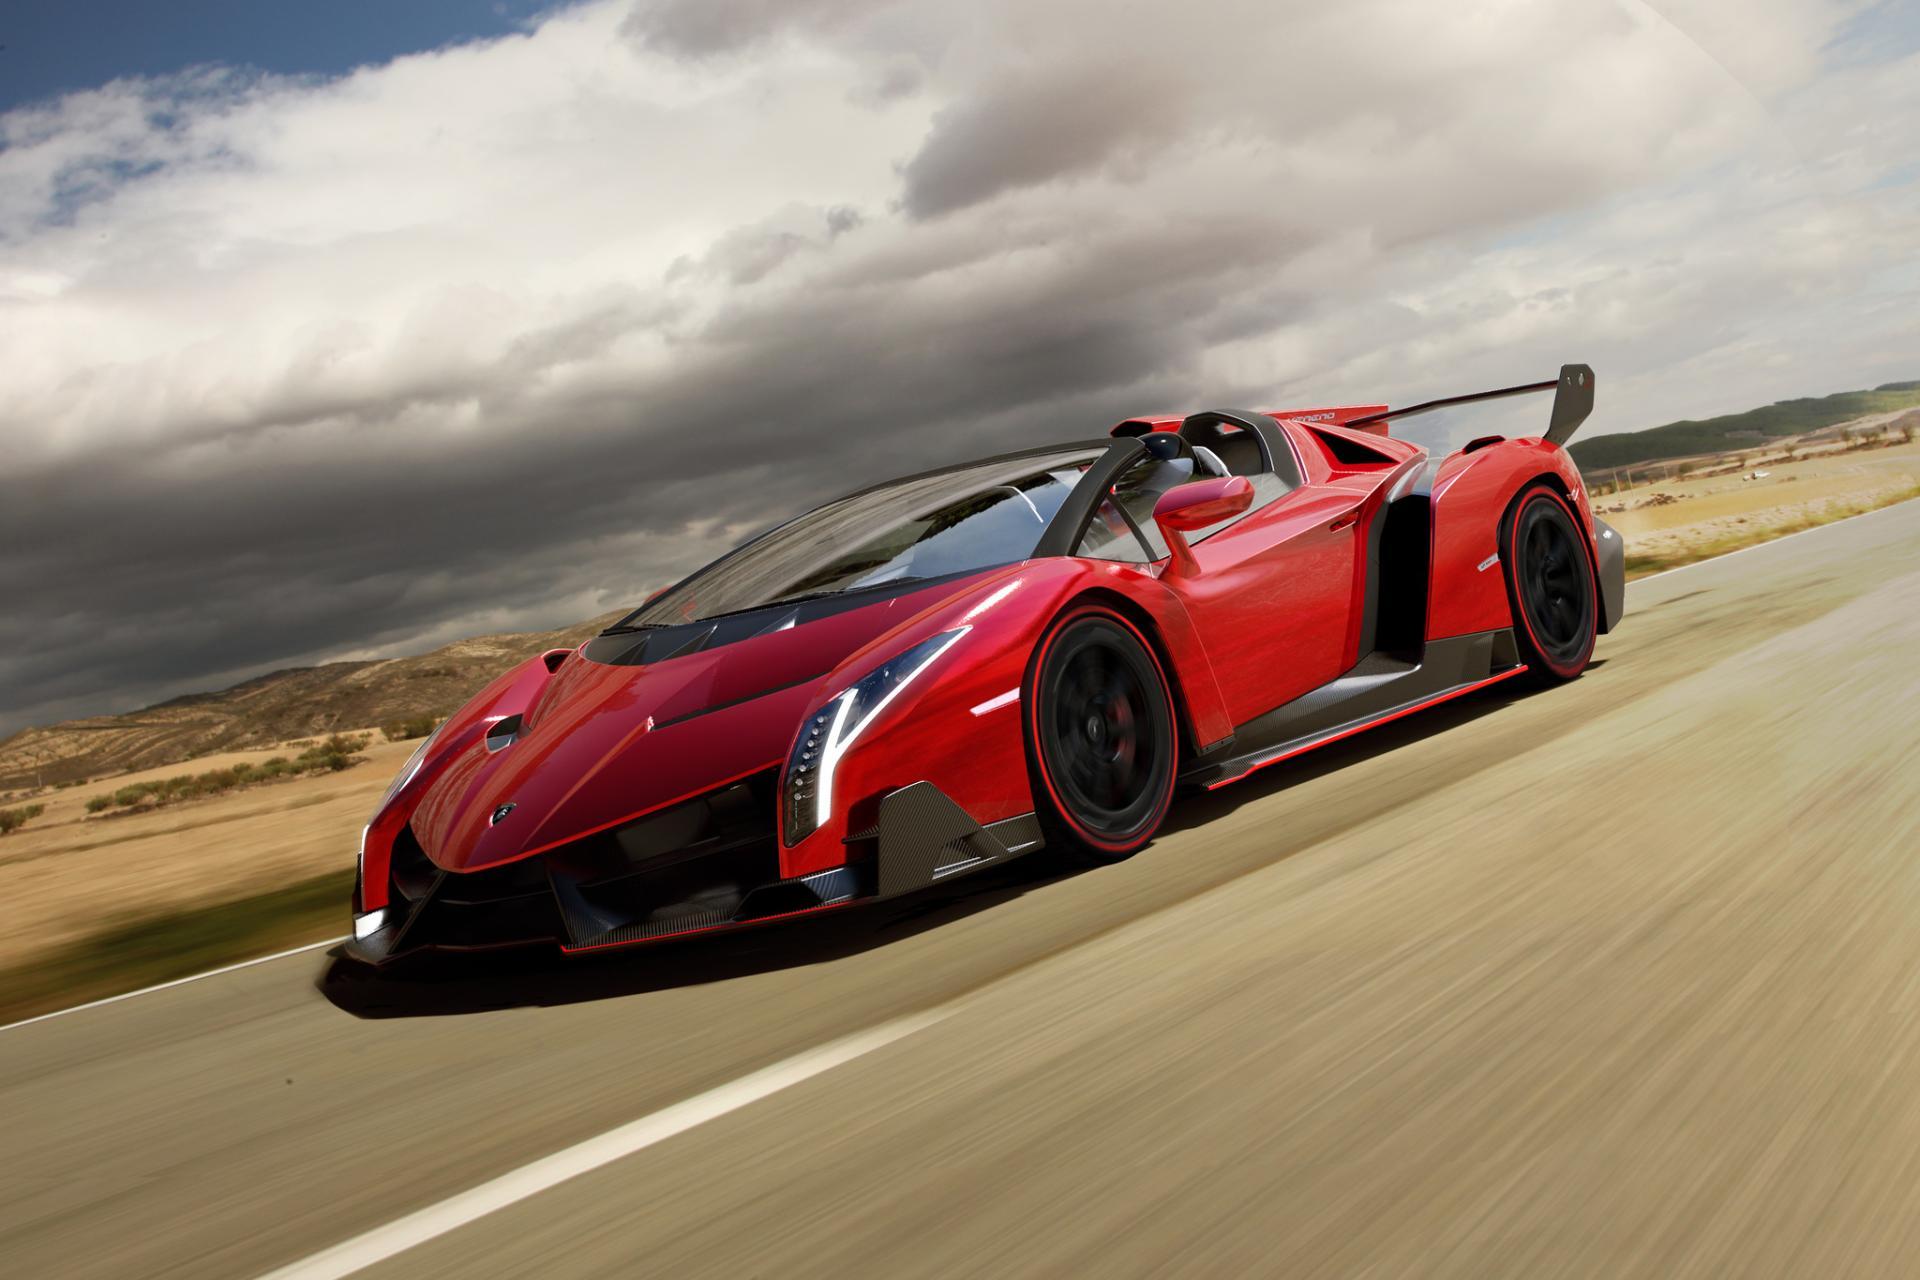 Lamborghini Suv Price >> 2013 Lamborghini Veneno Roadster News and Information